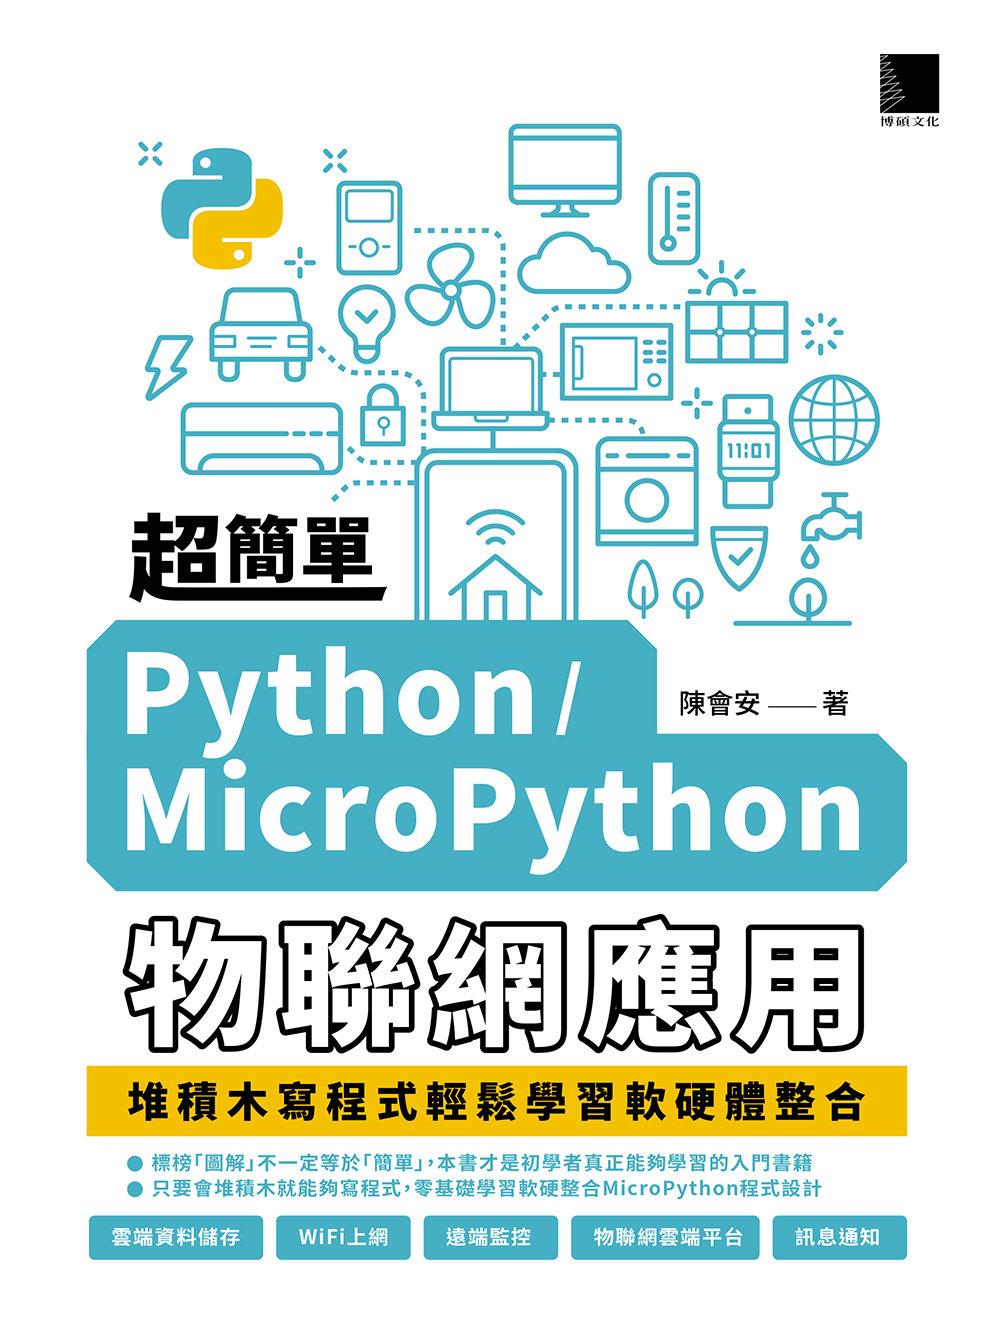 超簡單 Python / MicroPython 物聯網應用:堆積木寫程式輕鬆學習軟硬體整合-preview-1